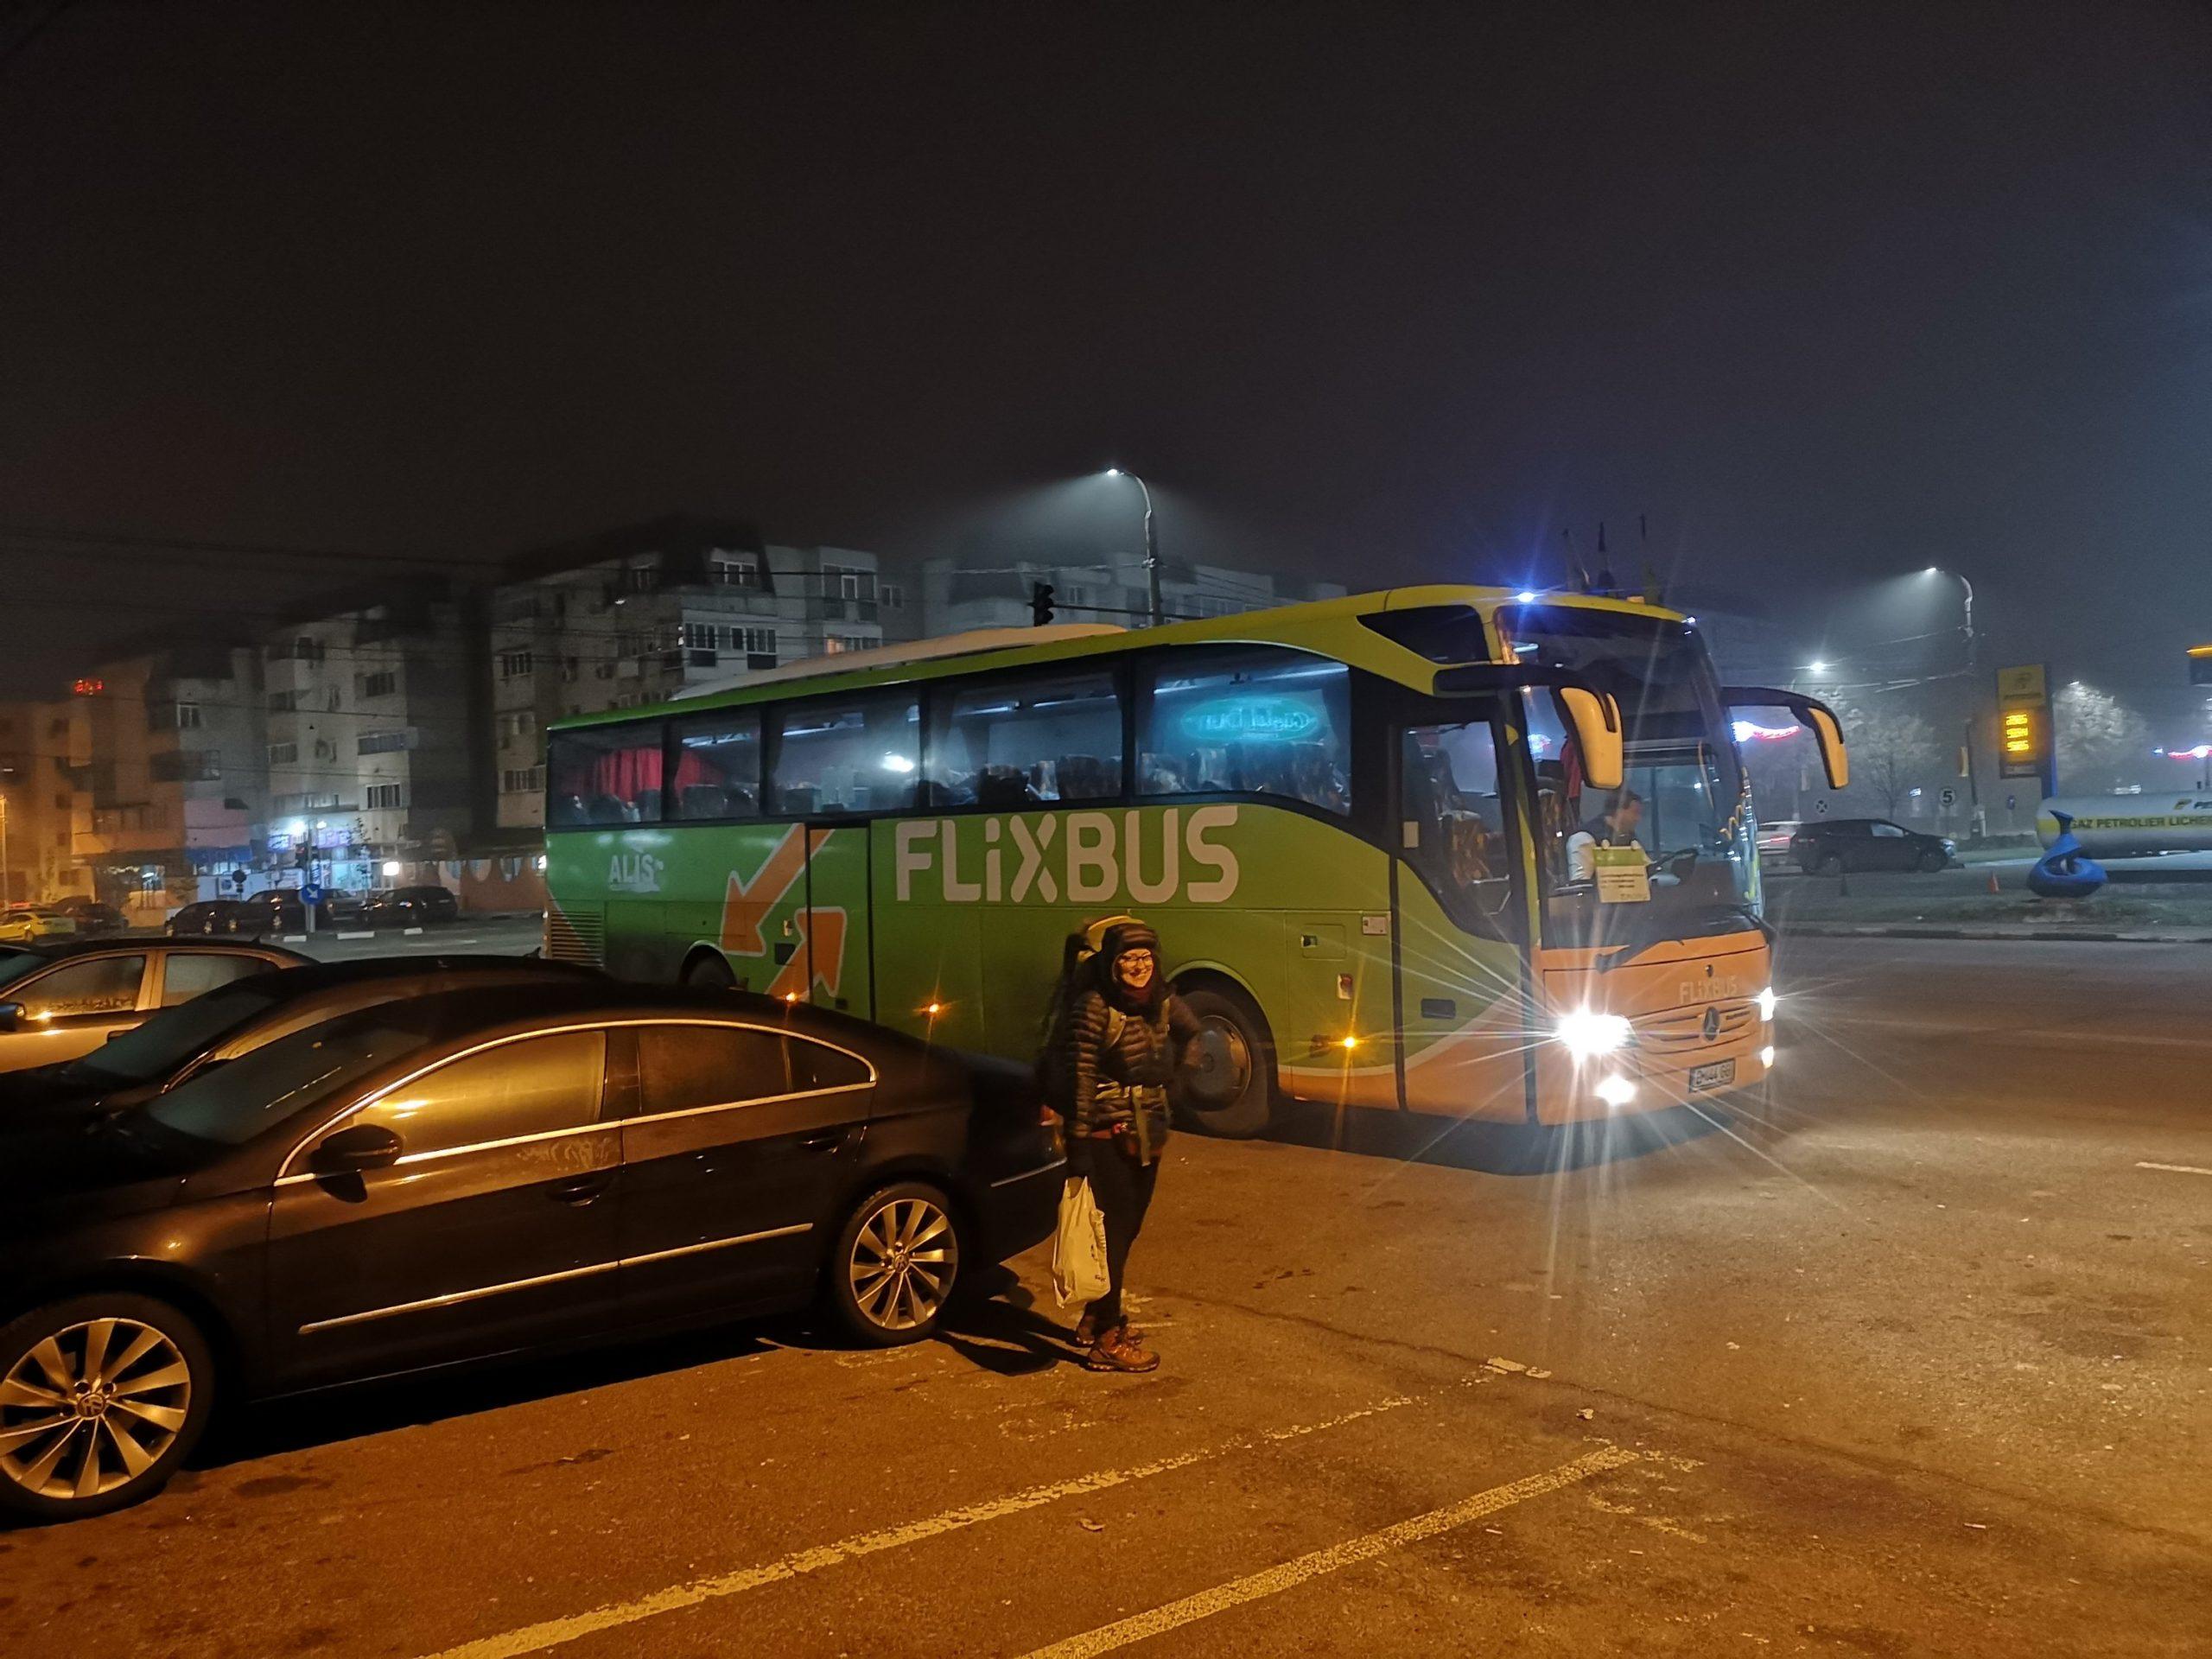 Triumfalny wjazd Flixbusa na